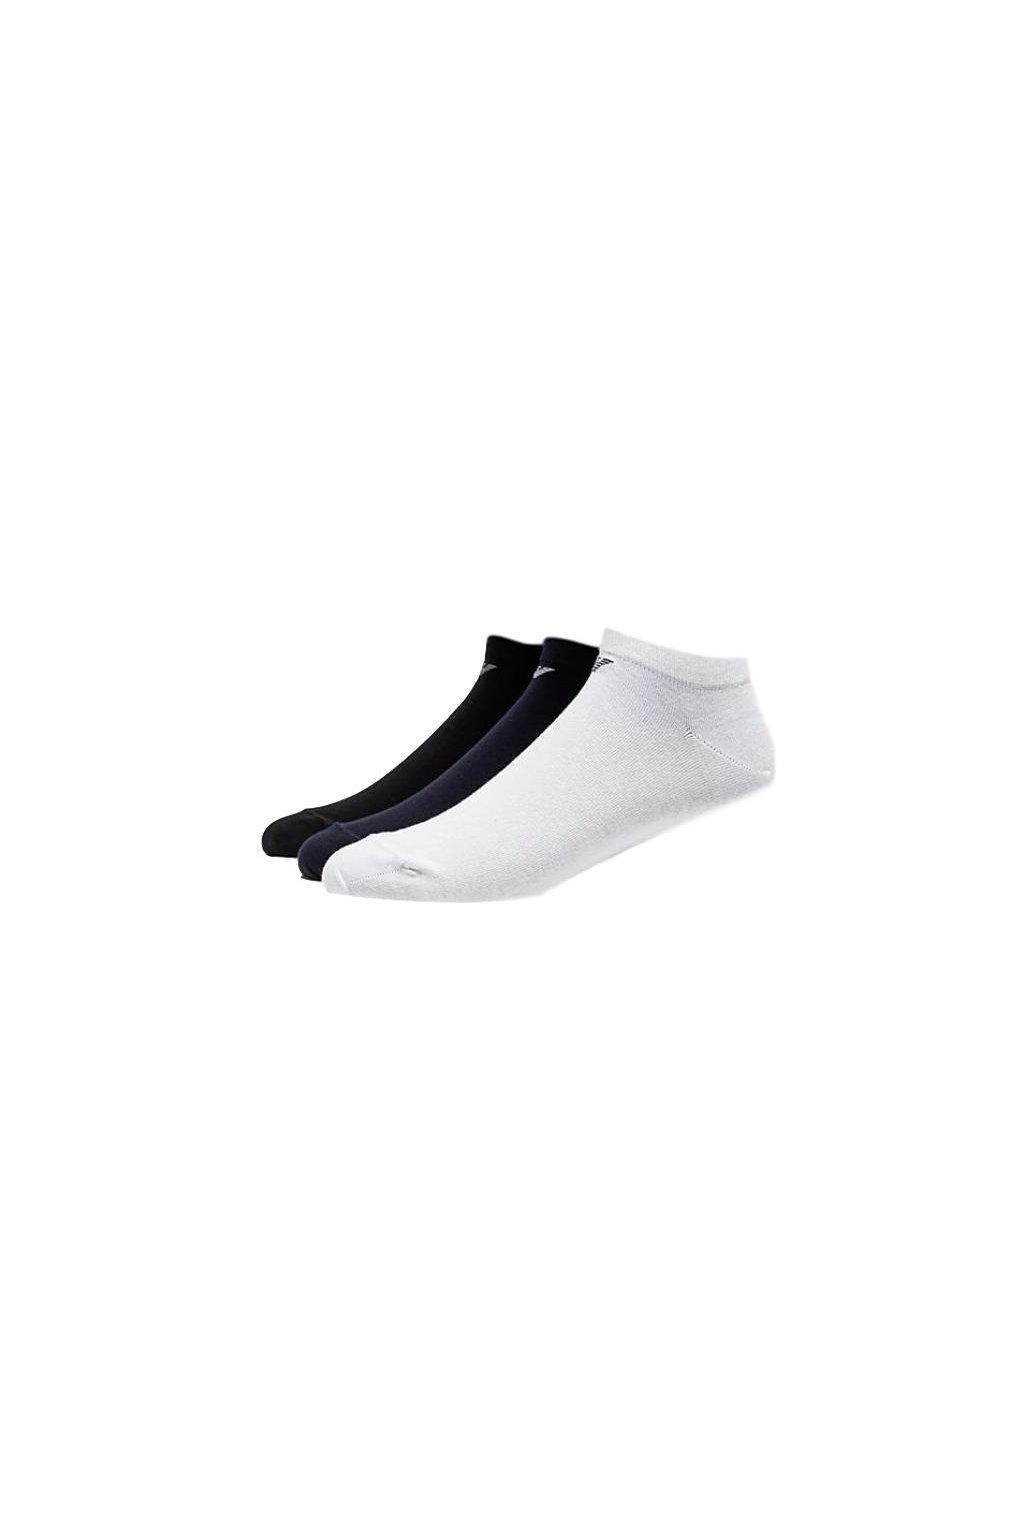 Emporio Armani pánské ponožky 3-balení - bílá/černá/modrá